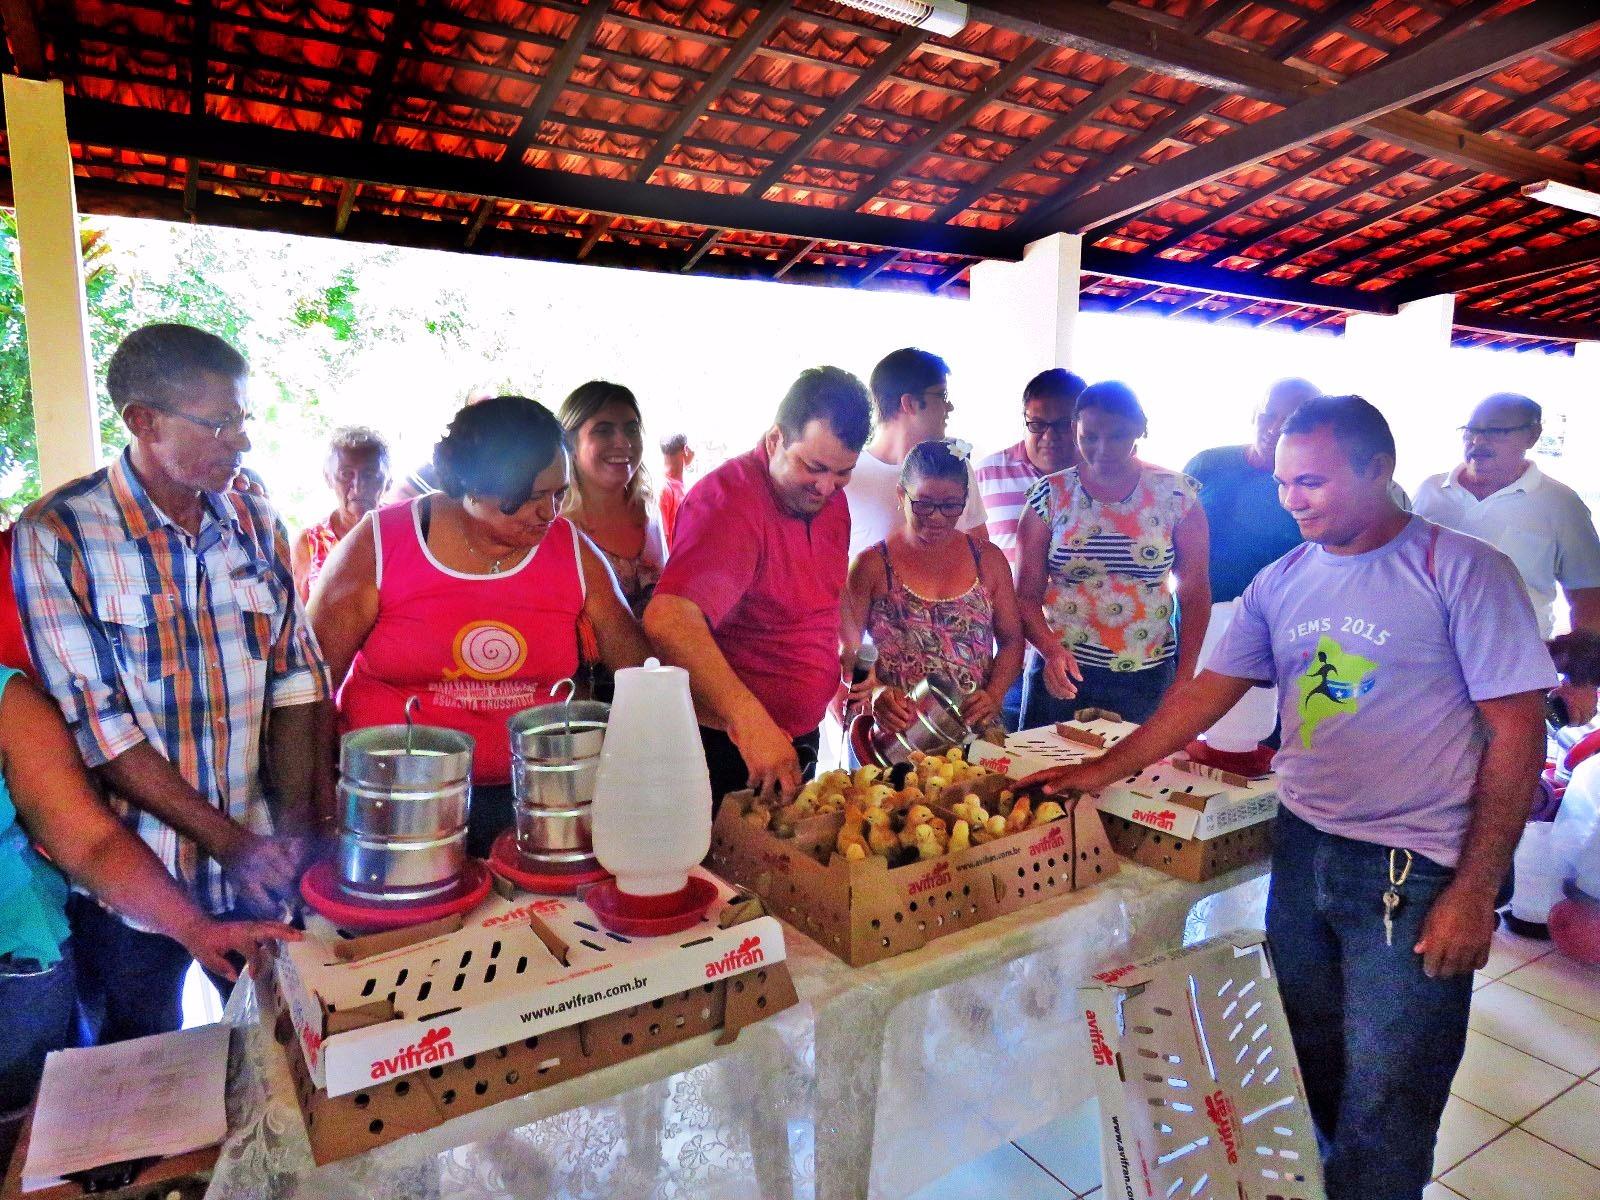 #A8232C  de matadouros de aves e o projeto de uma cozinha comunitária que 1600x1200 px Projeto De Cozinha Comunitária #2853 imagens